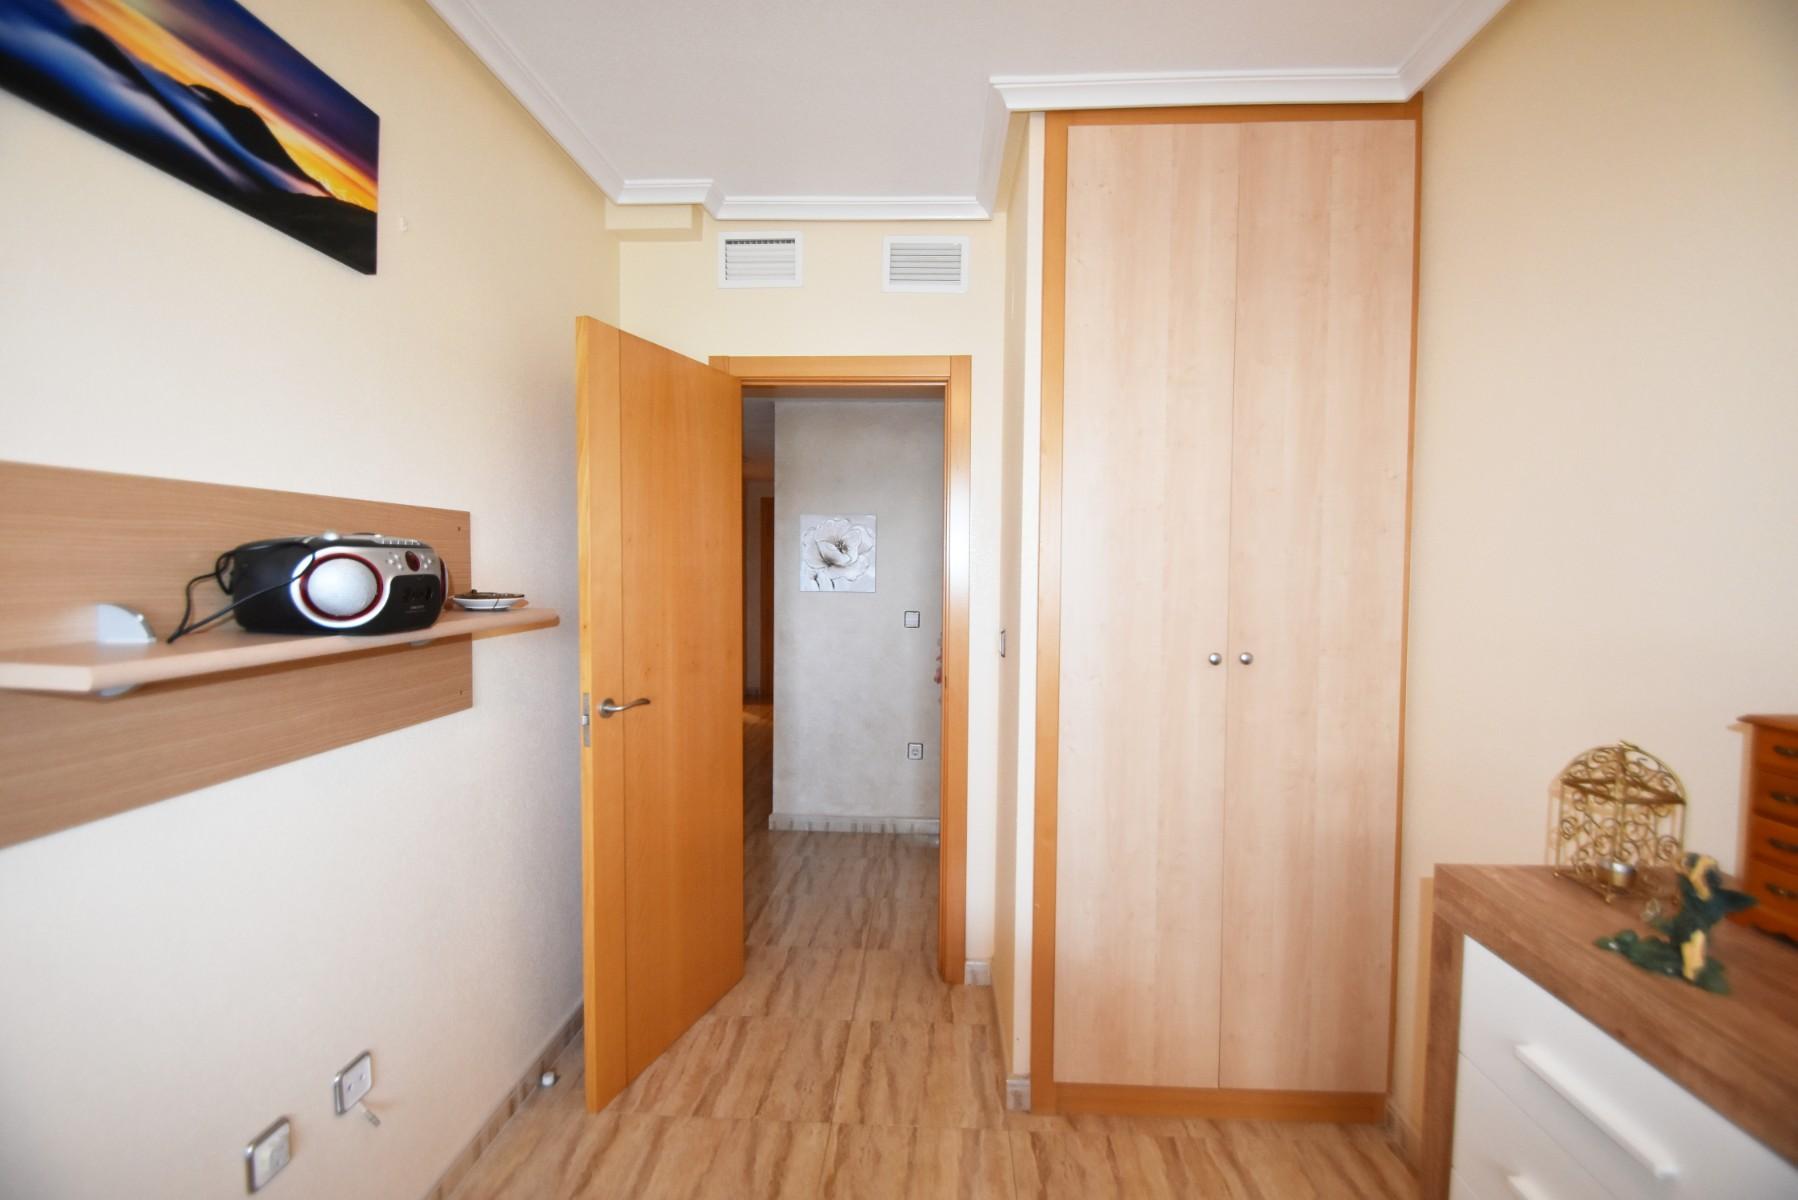 Appartement in  - Bestaande bouw